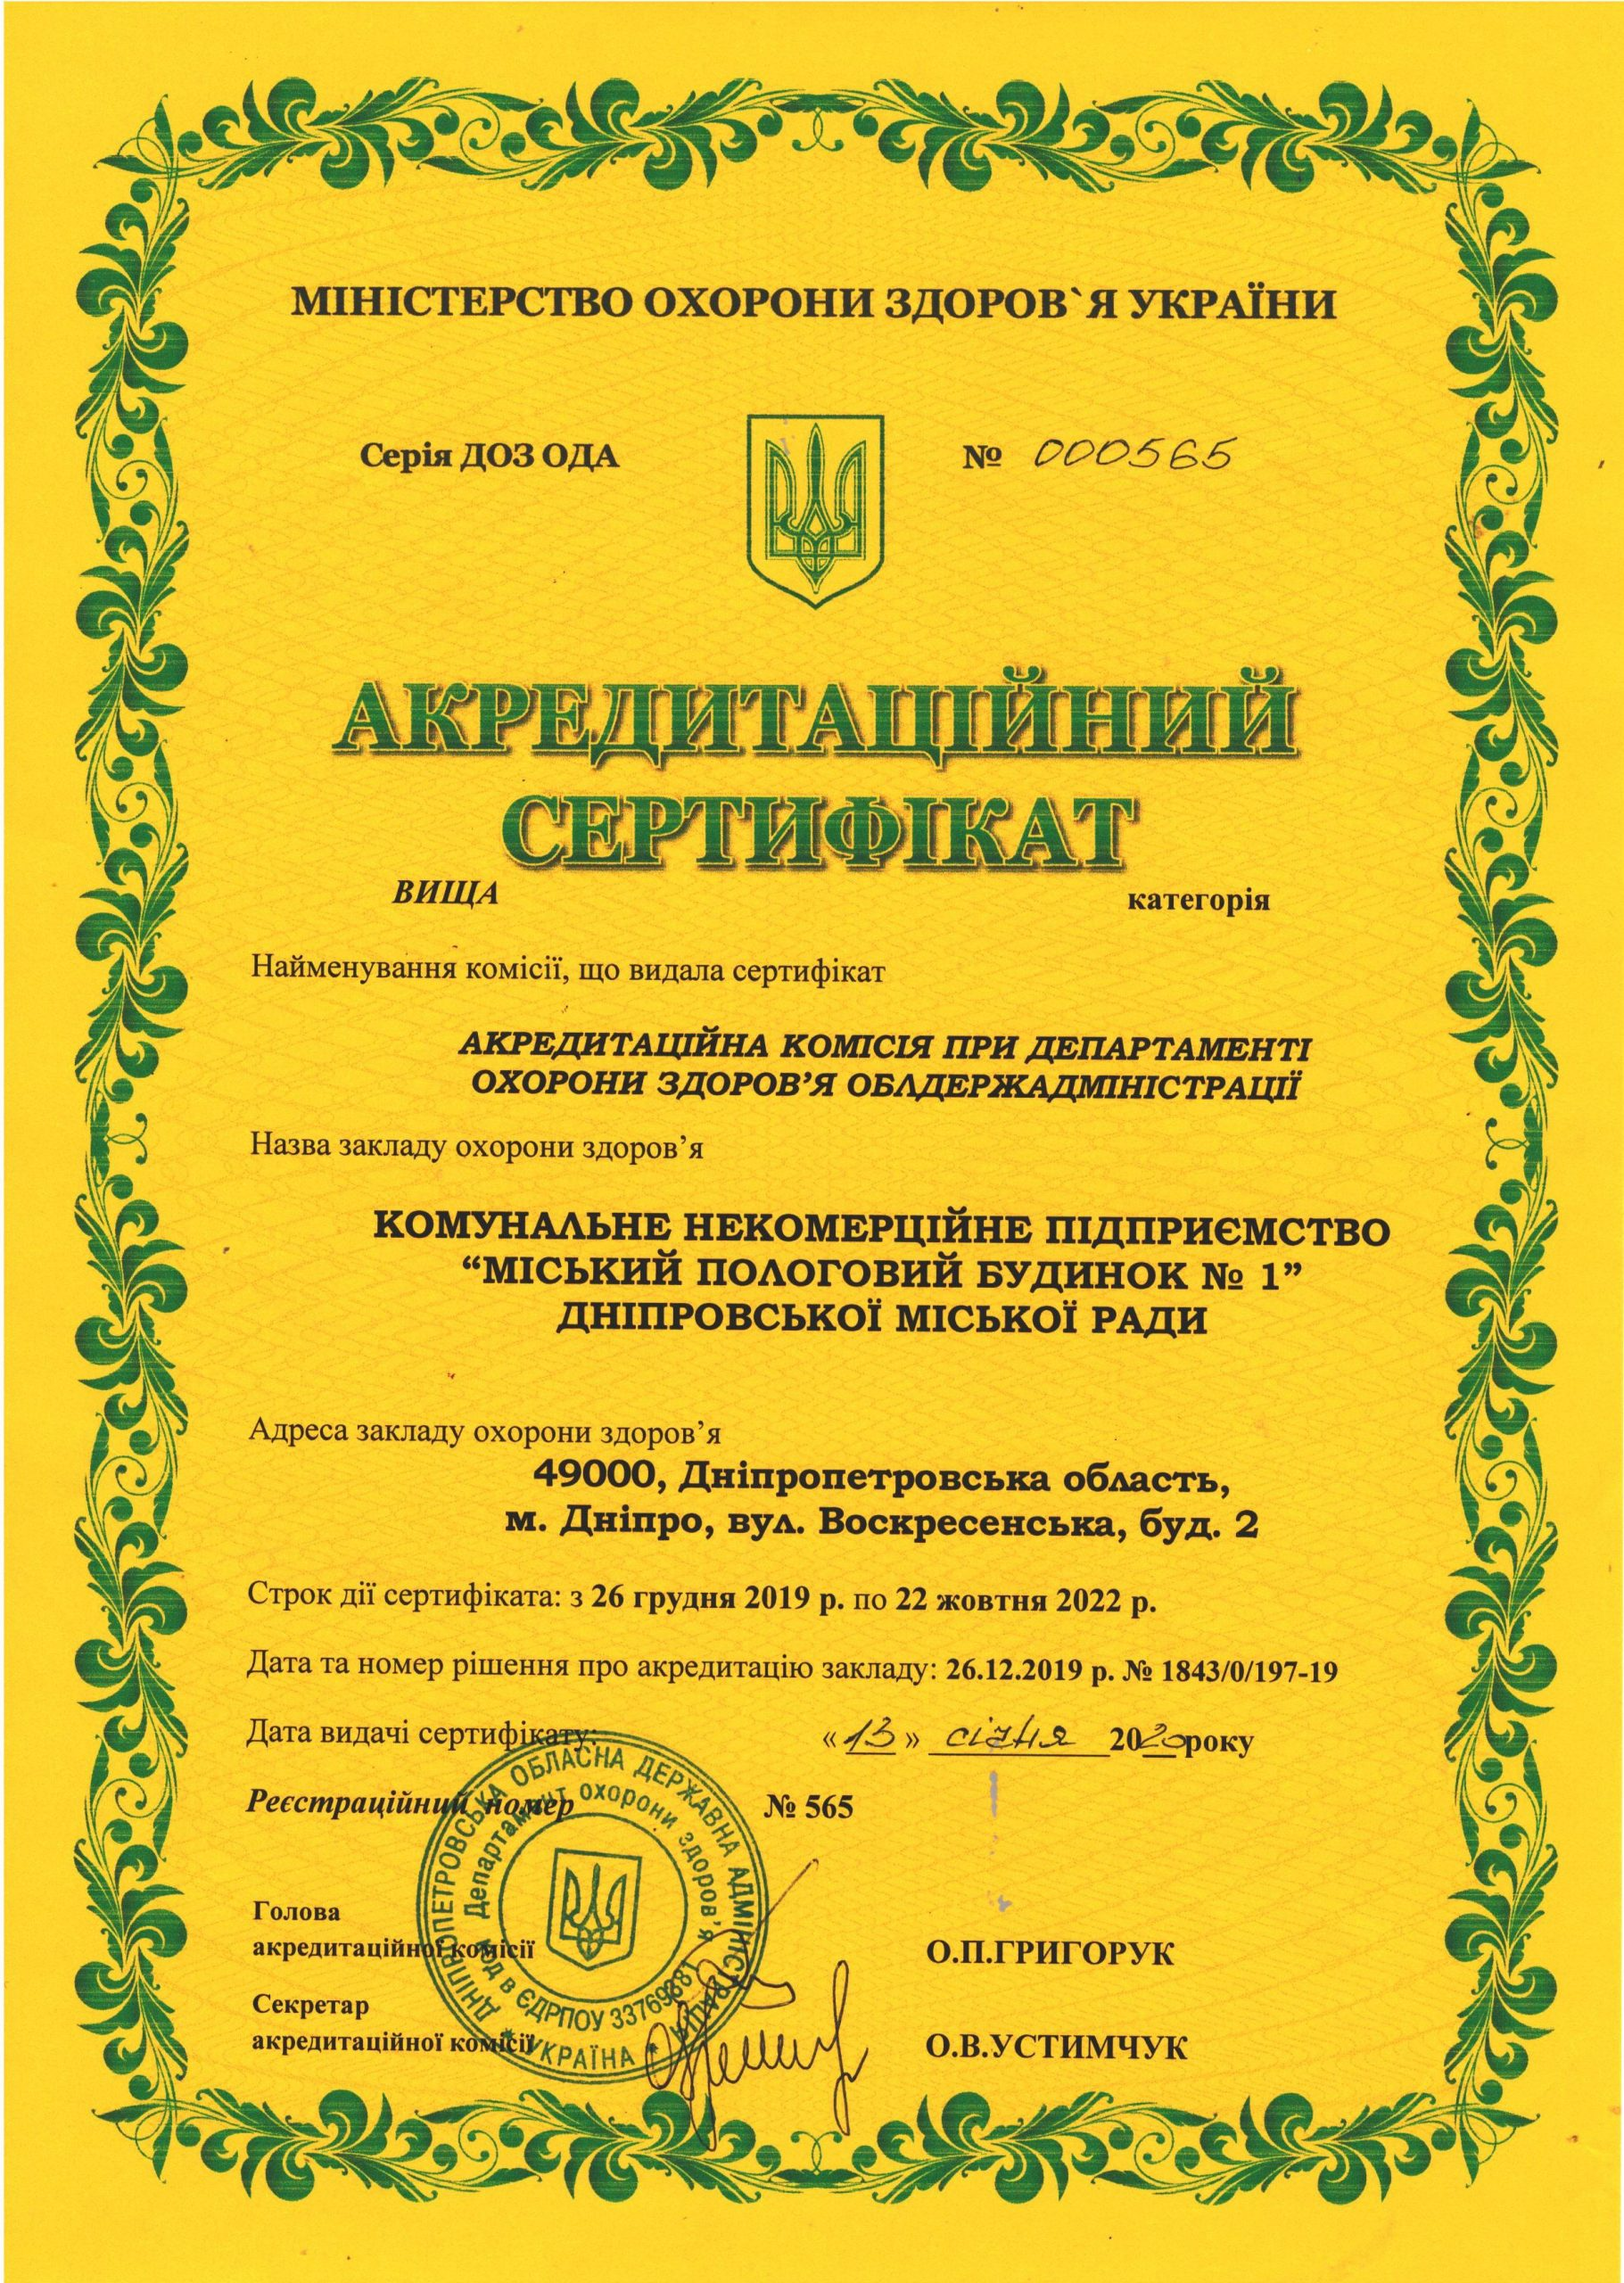 NOVIJ-001